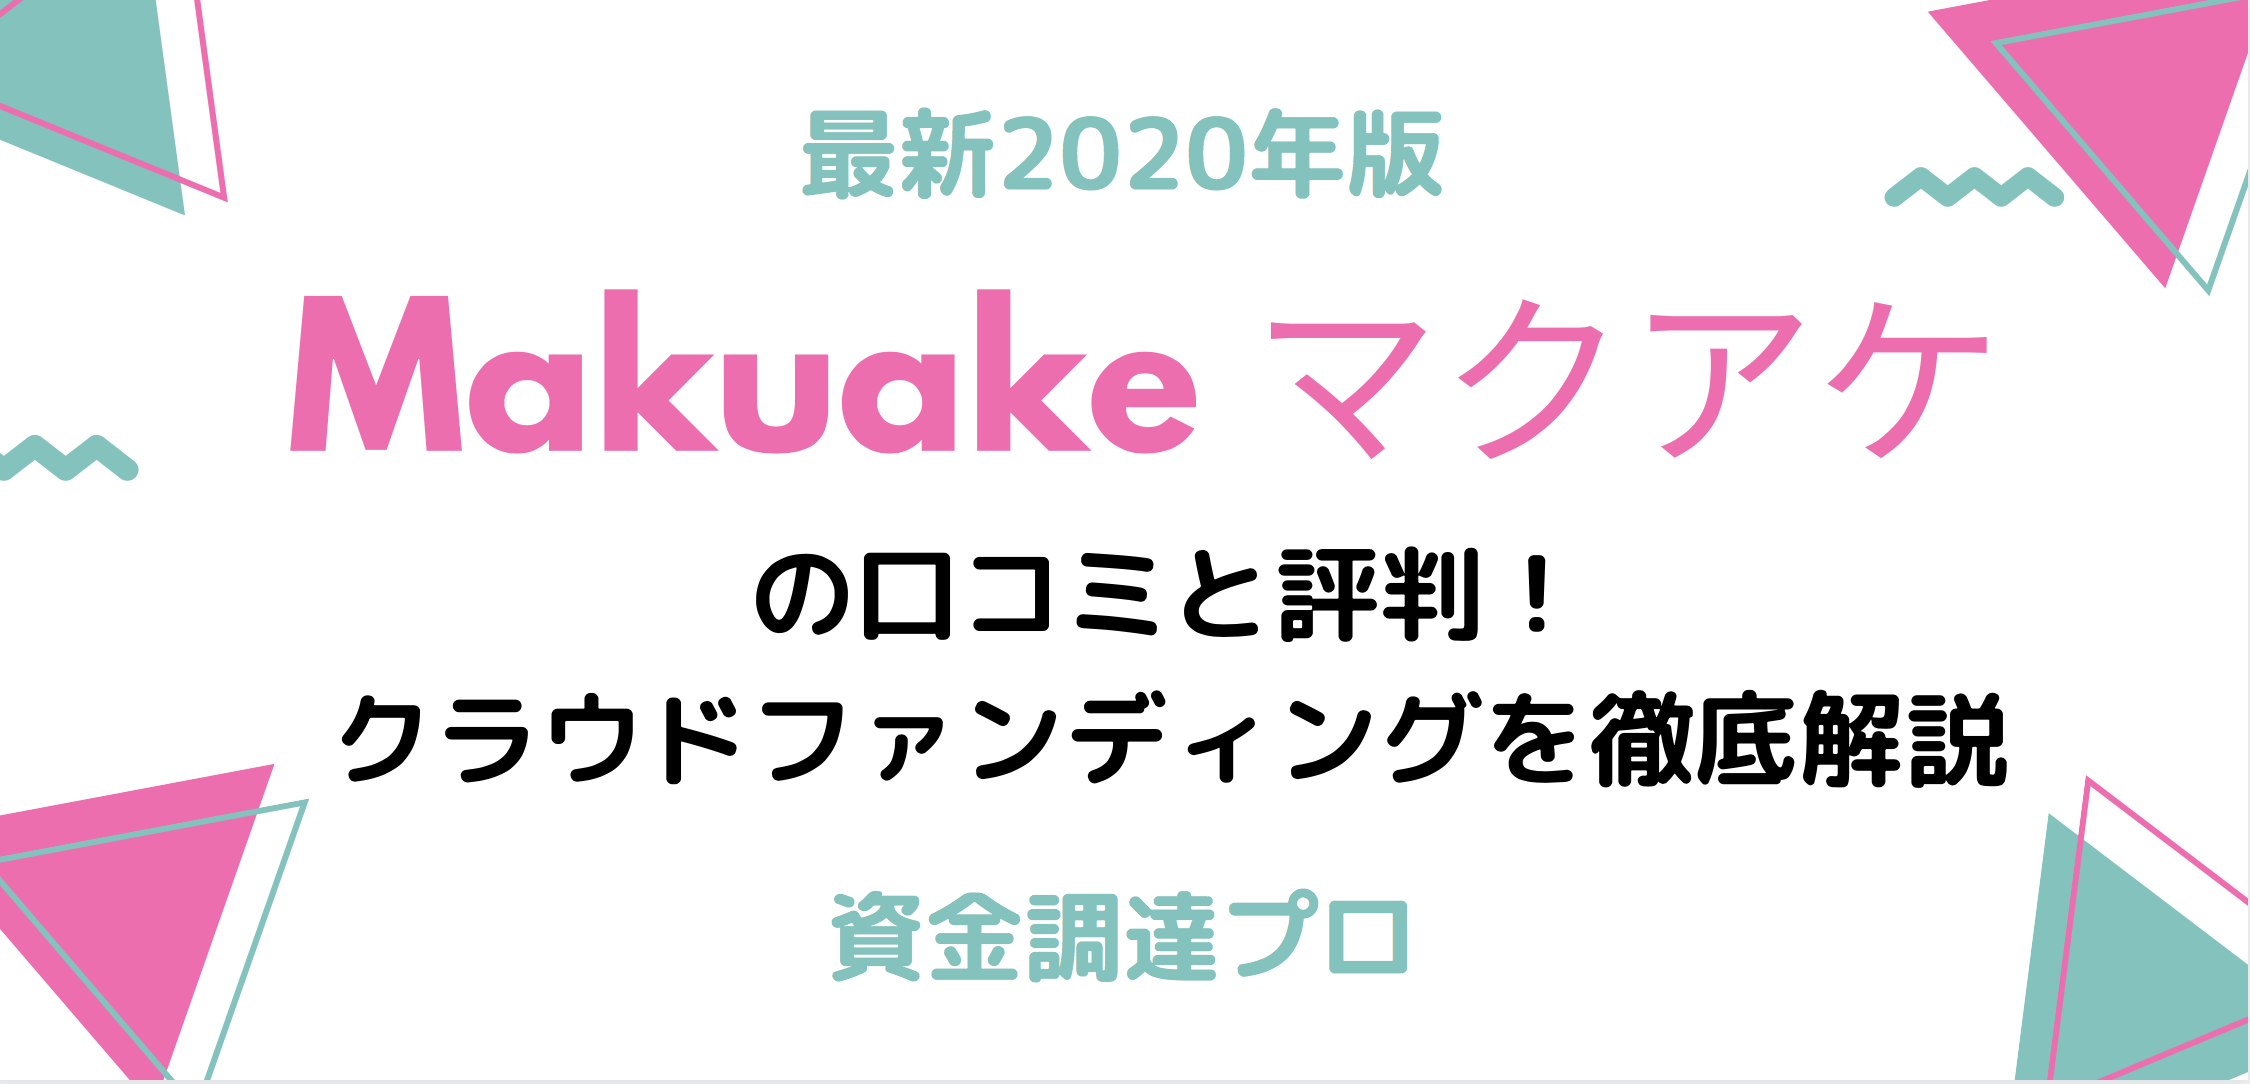 makuakeマクアケのクラウドファンディング